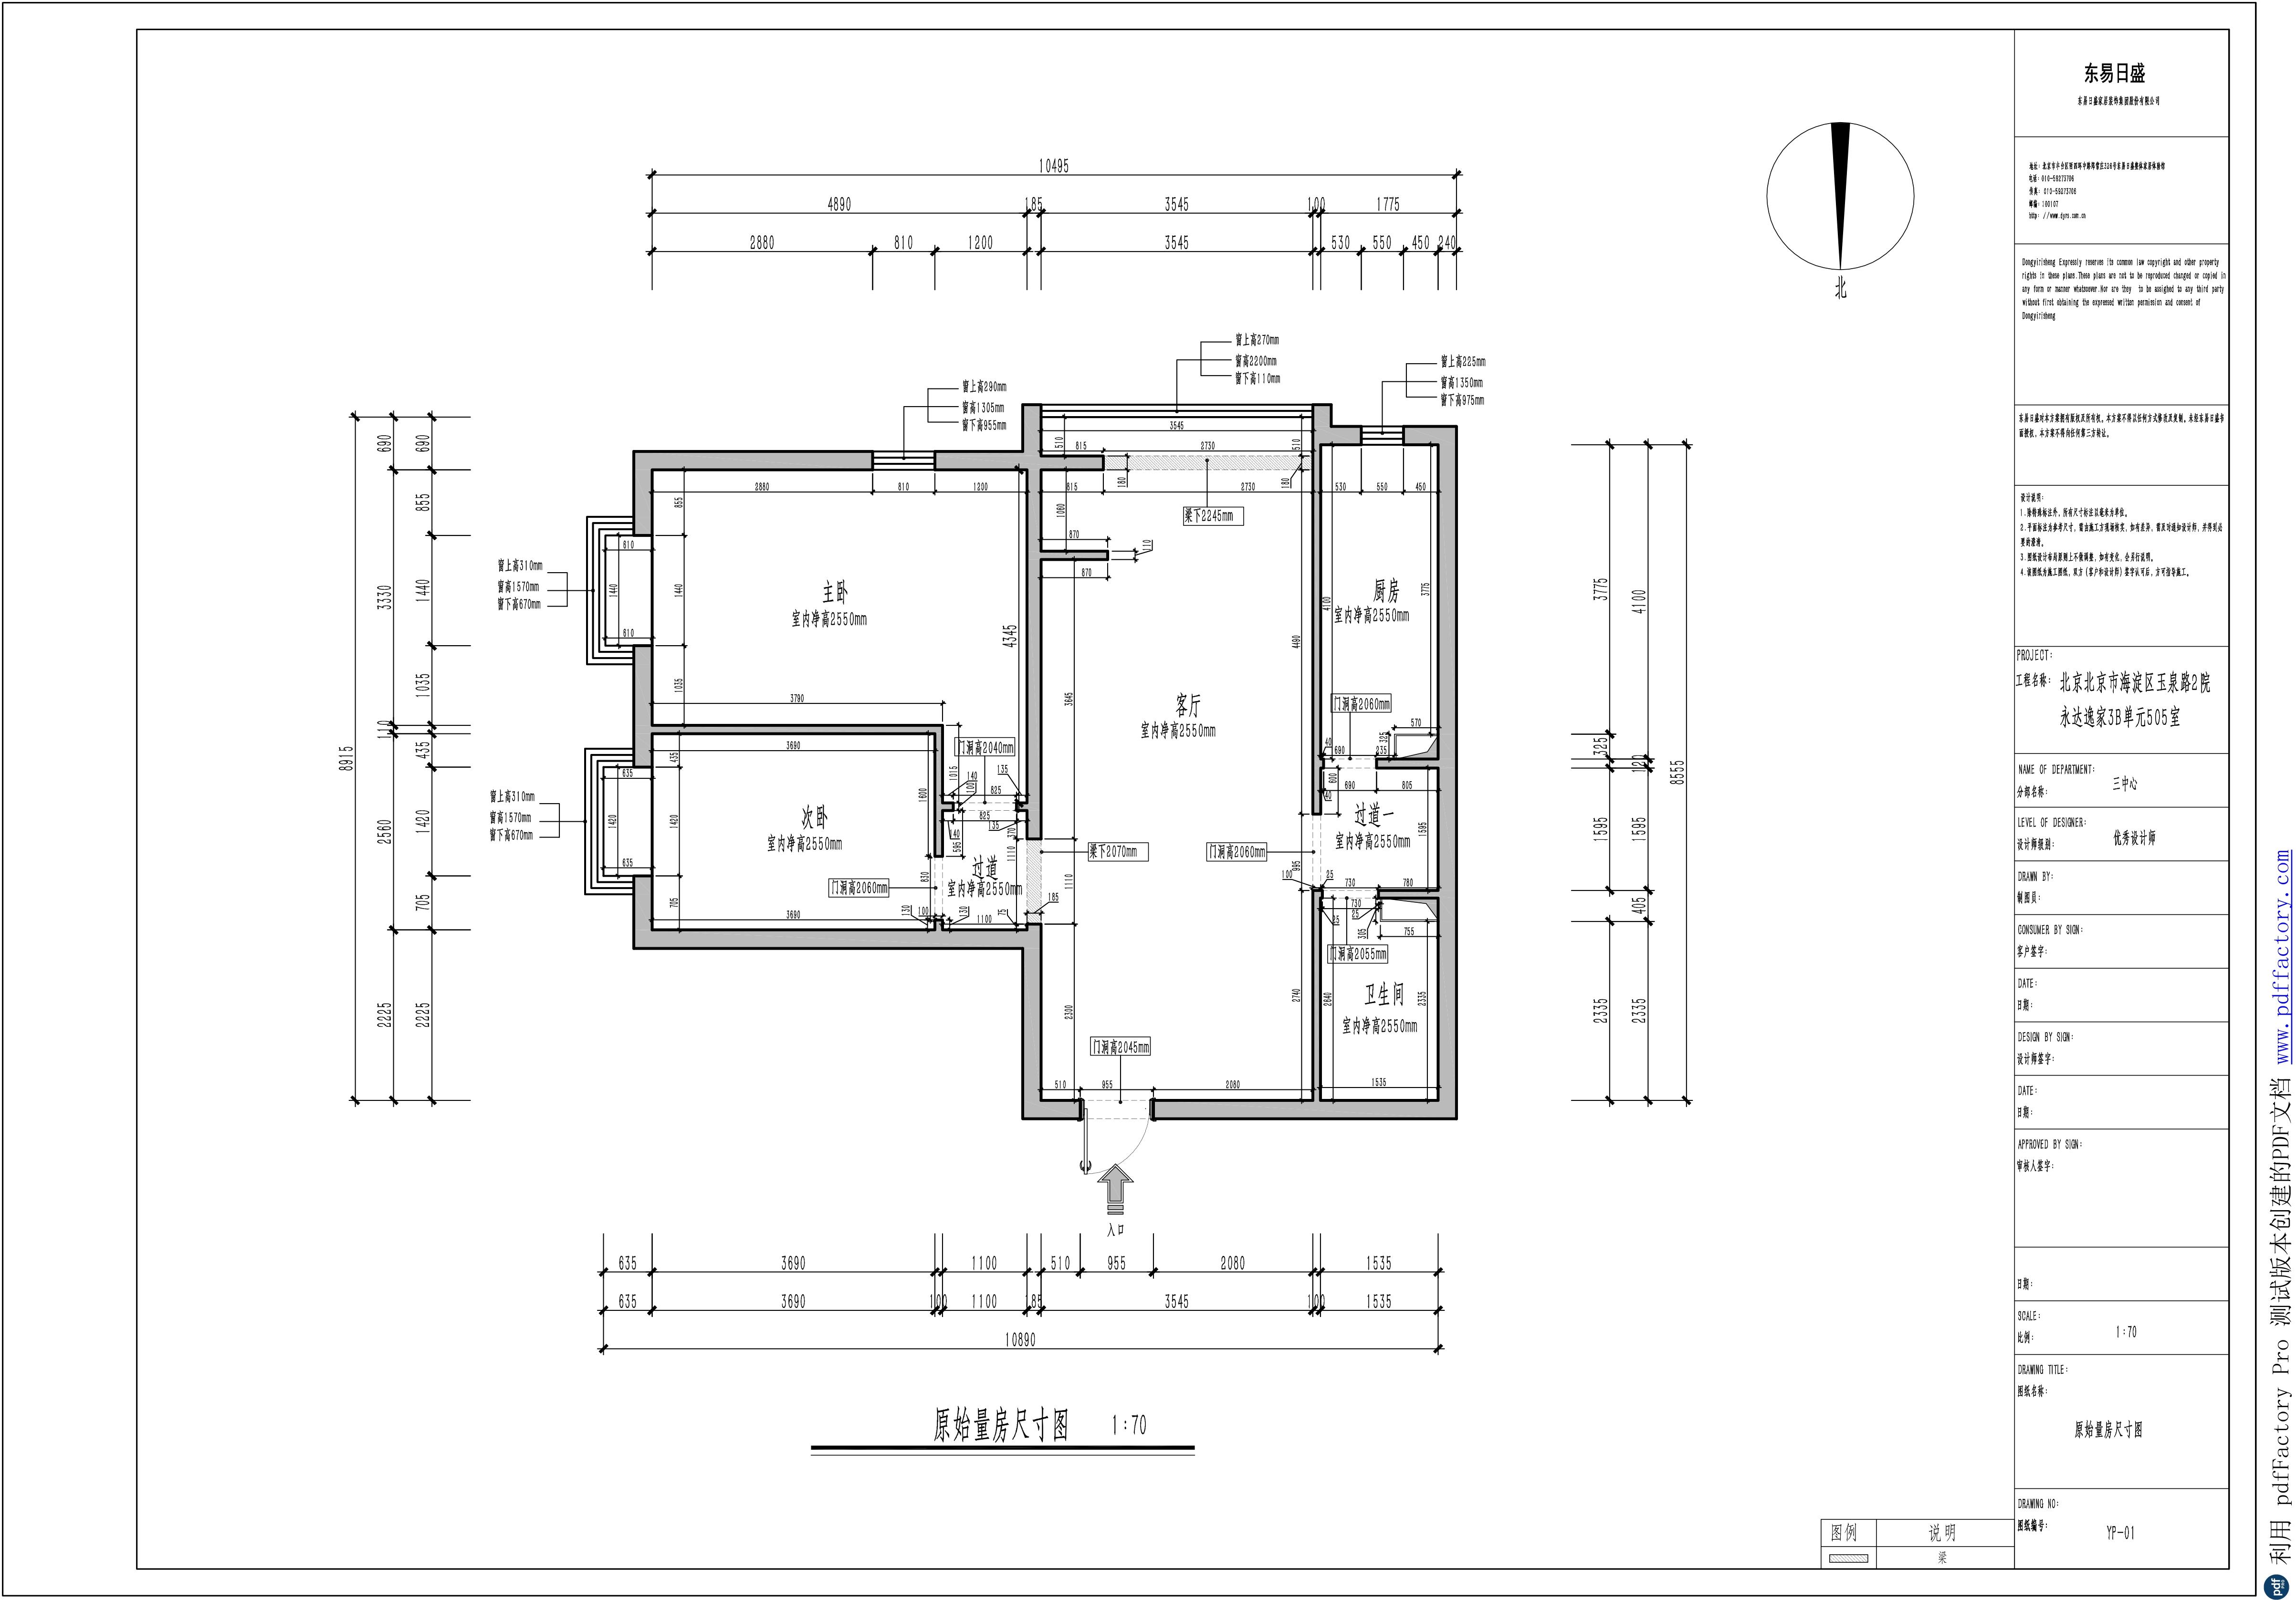 永达逸家 地中海风格 86平米装修设计理念